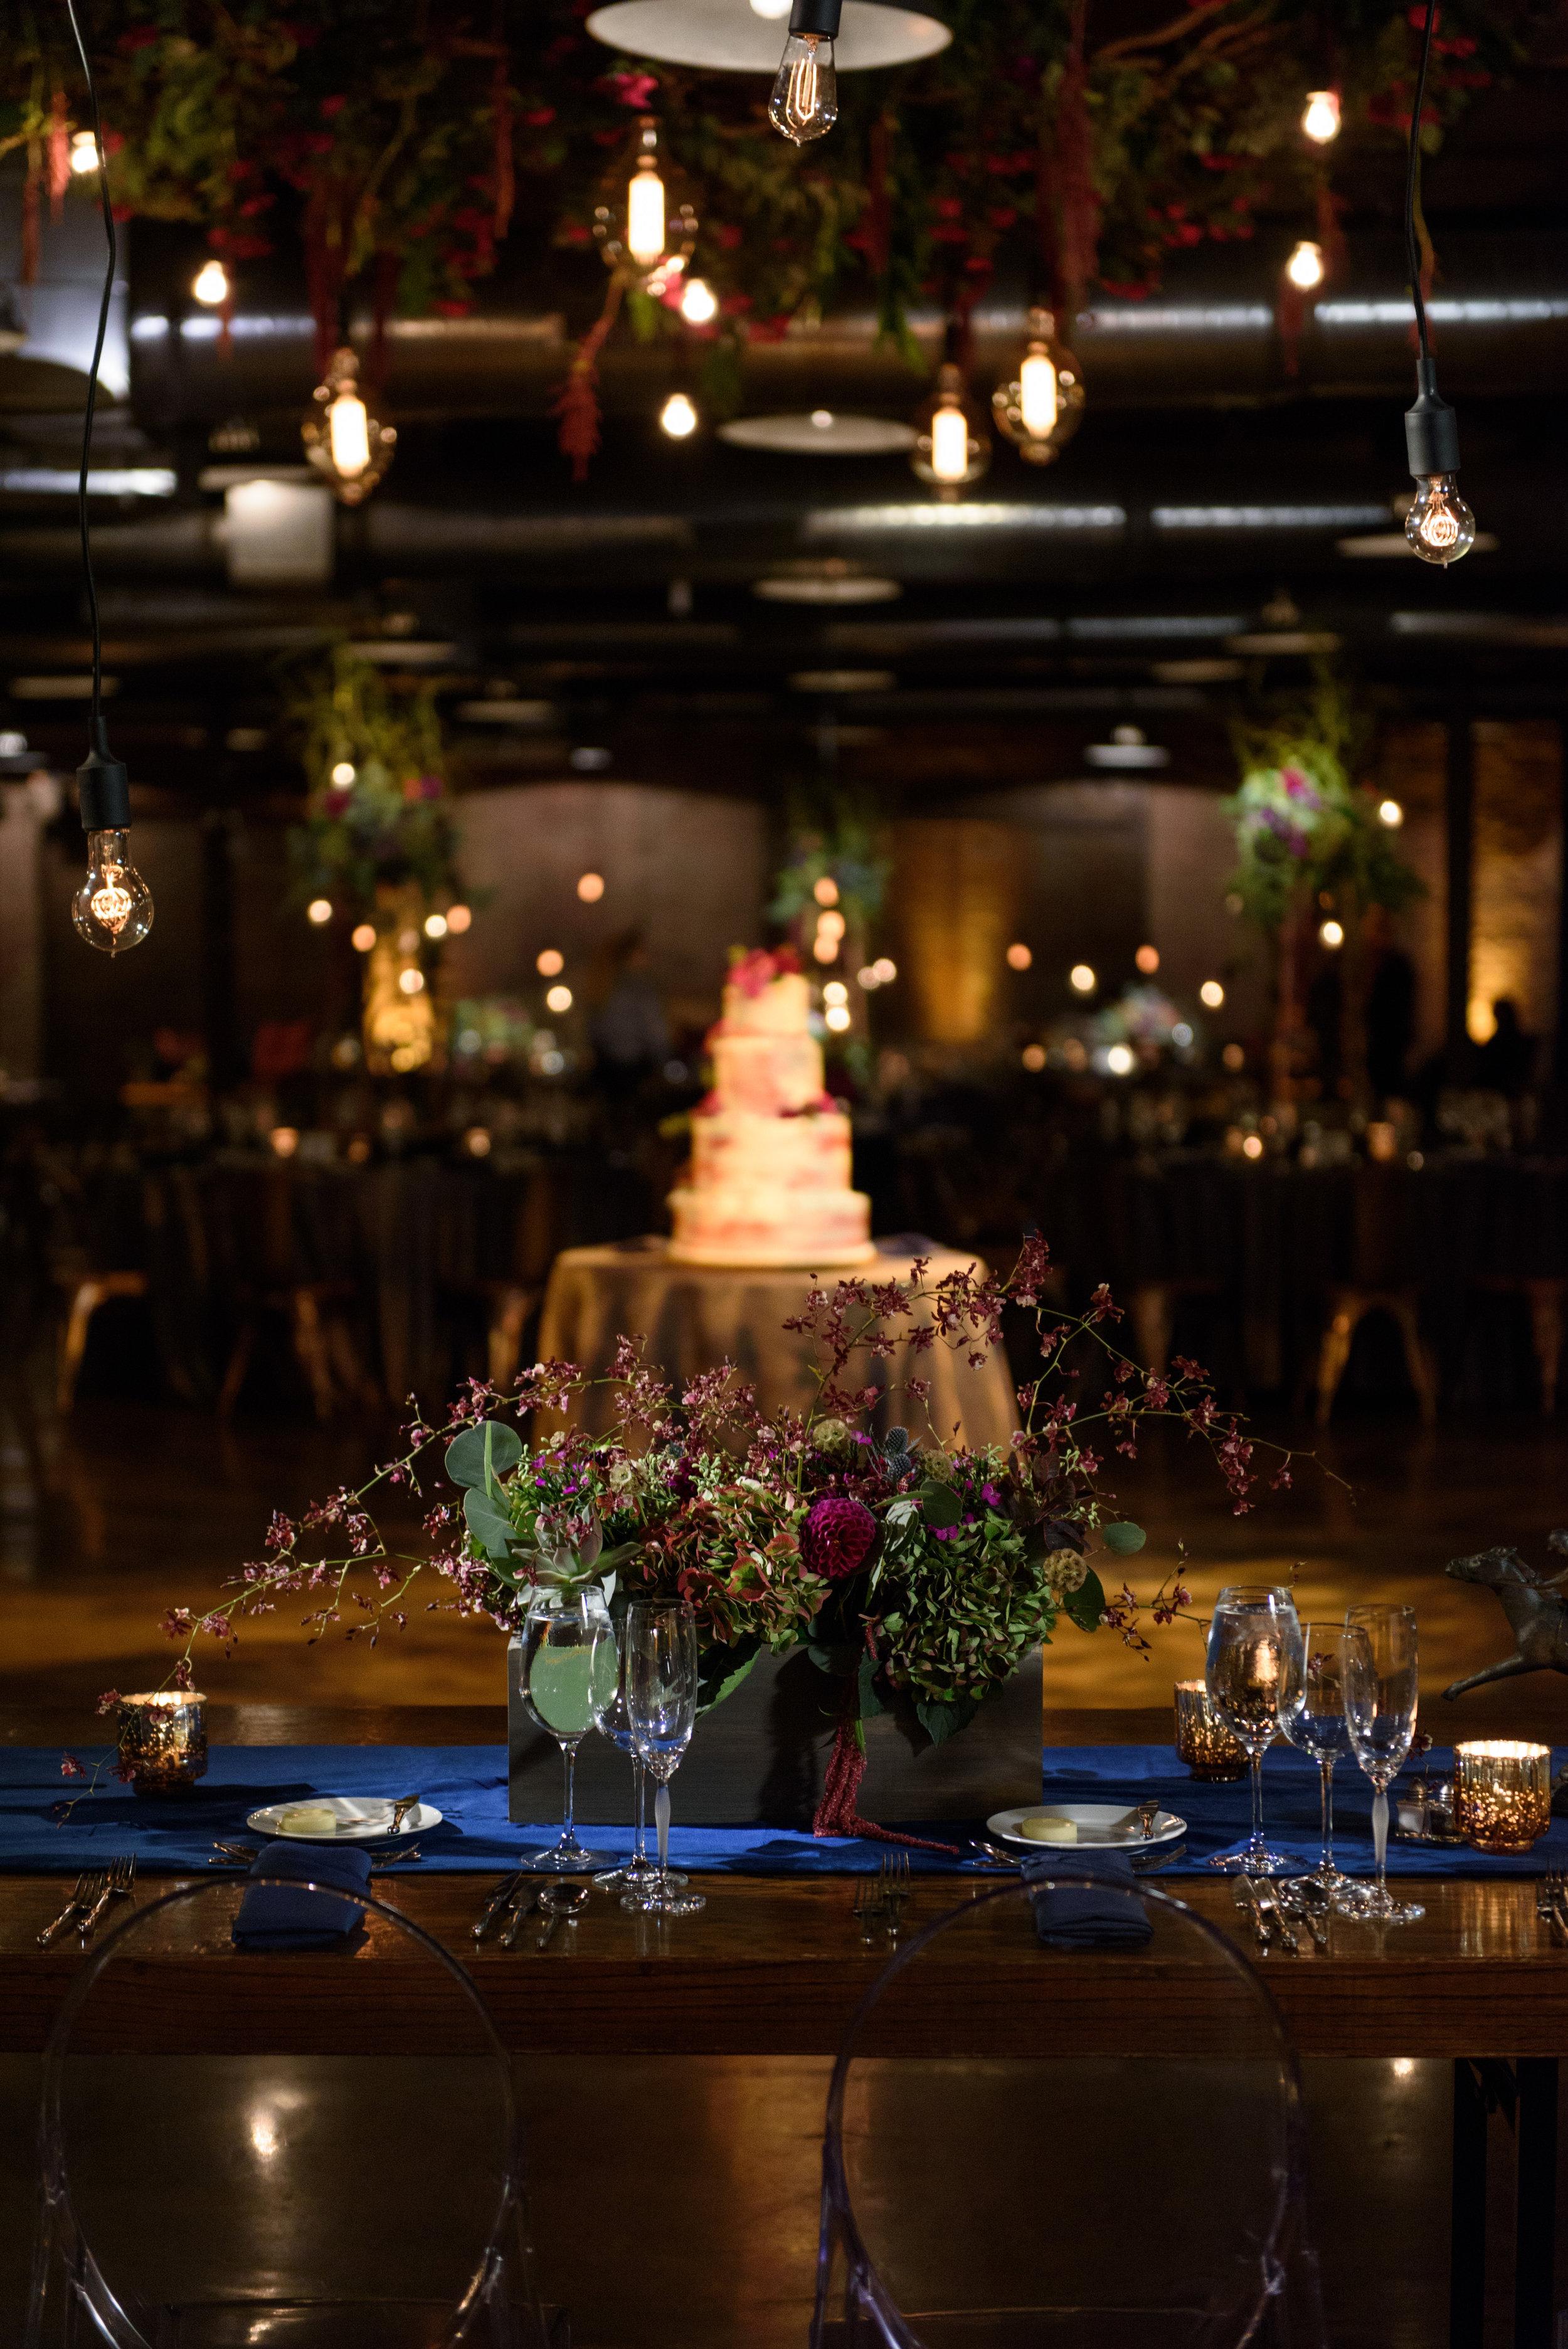 Jason-Chase-wedding-nakai-photography-0615.JPG